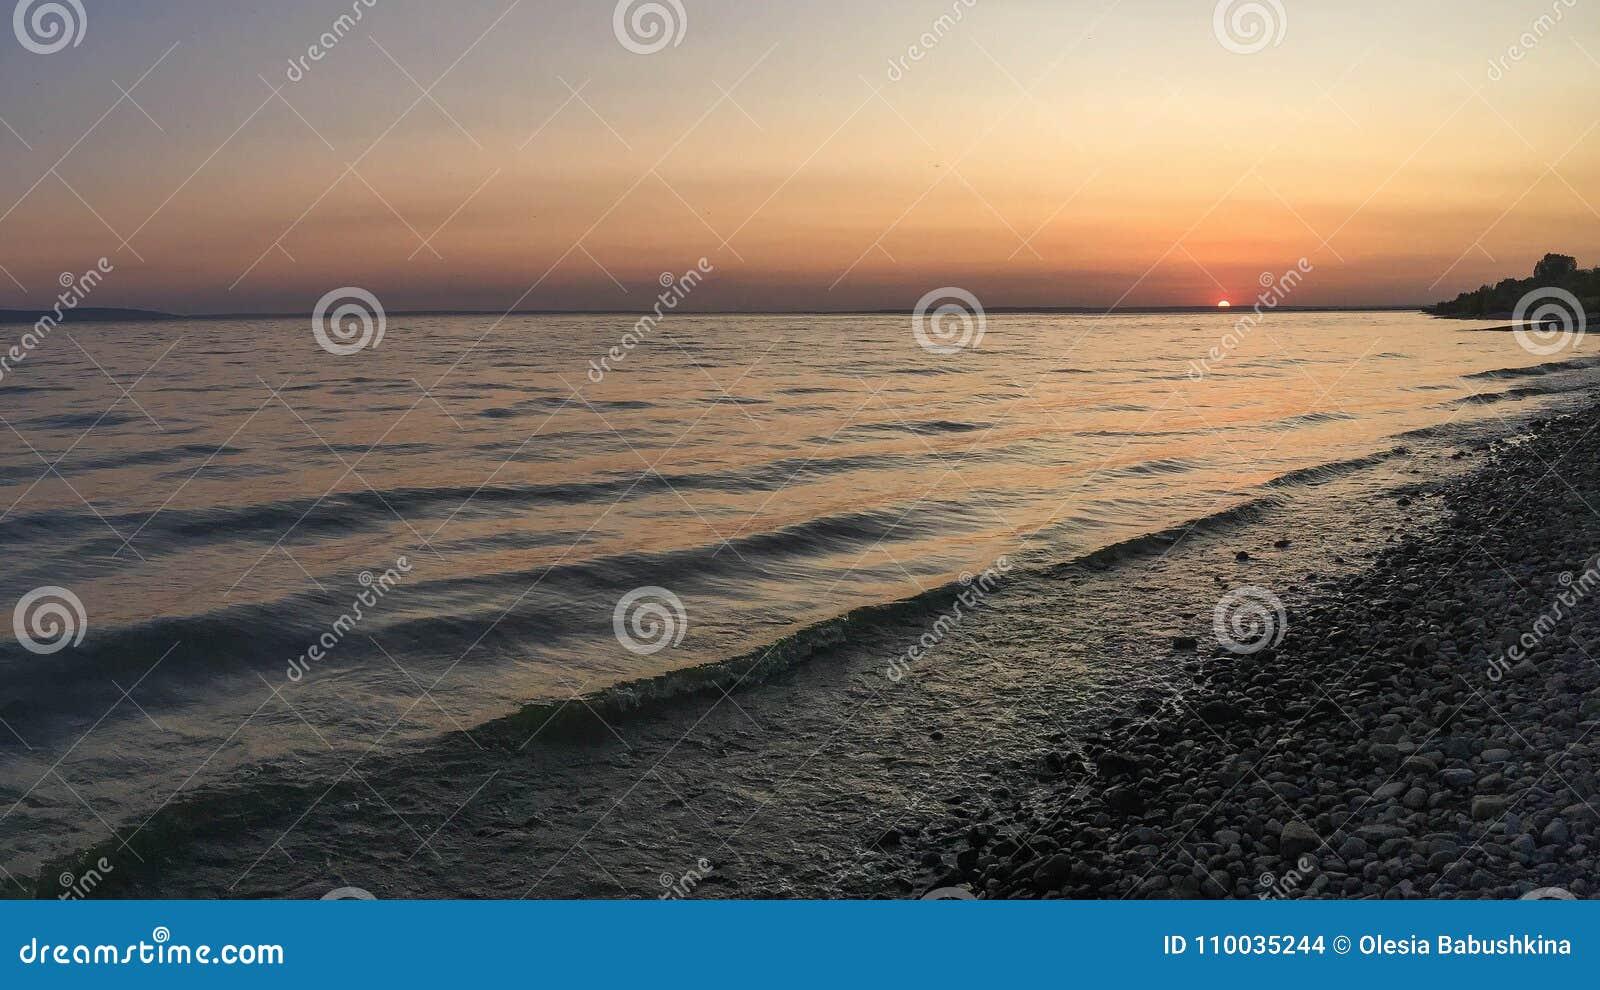 Strand bij zonsondergang dichtbij de Volga rivier, Rusland